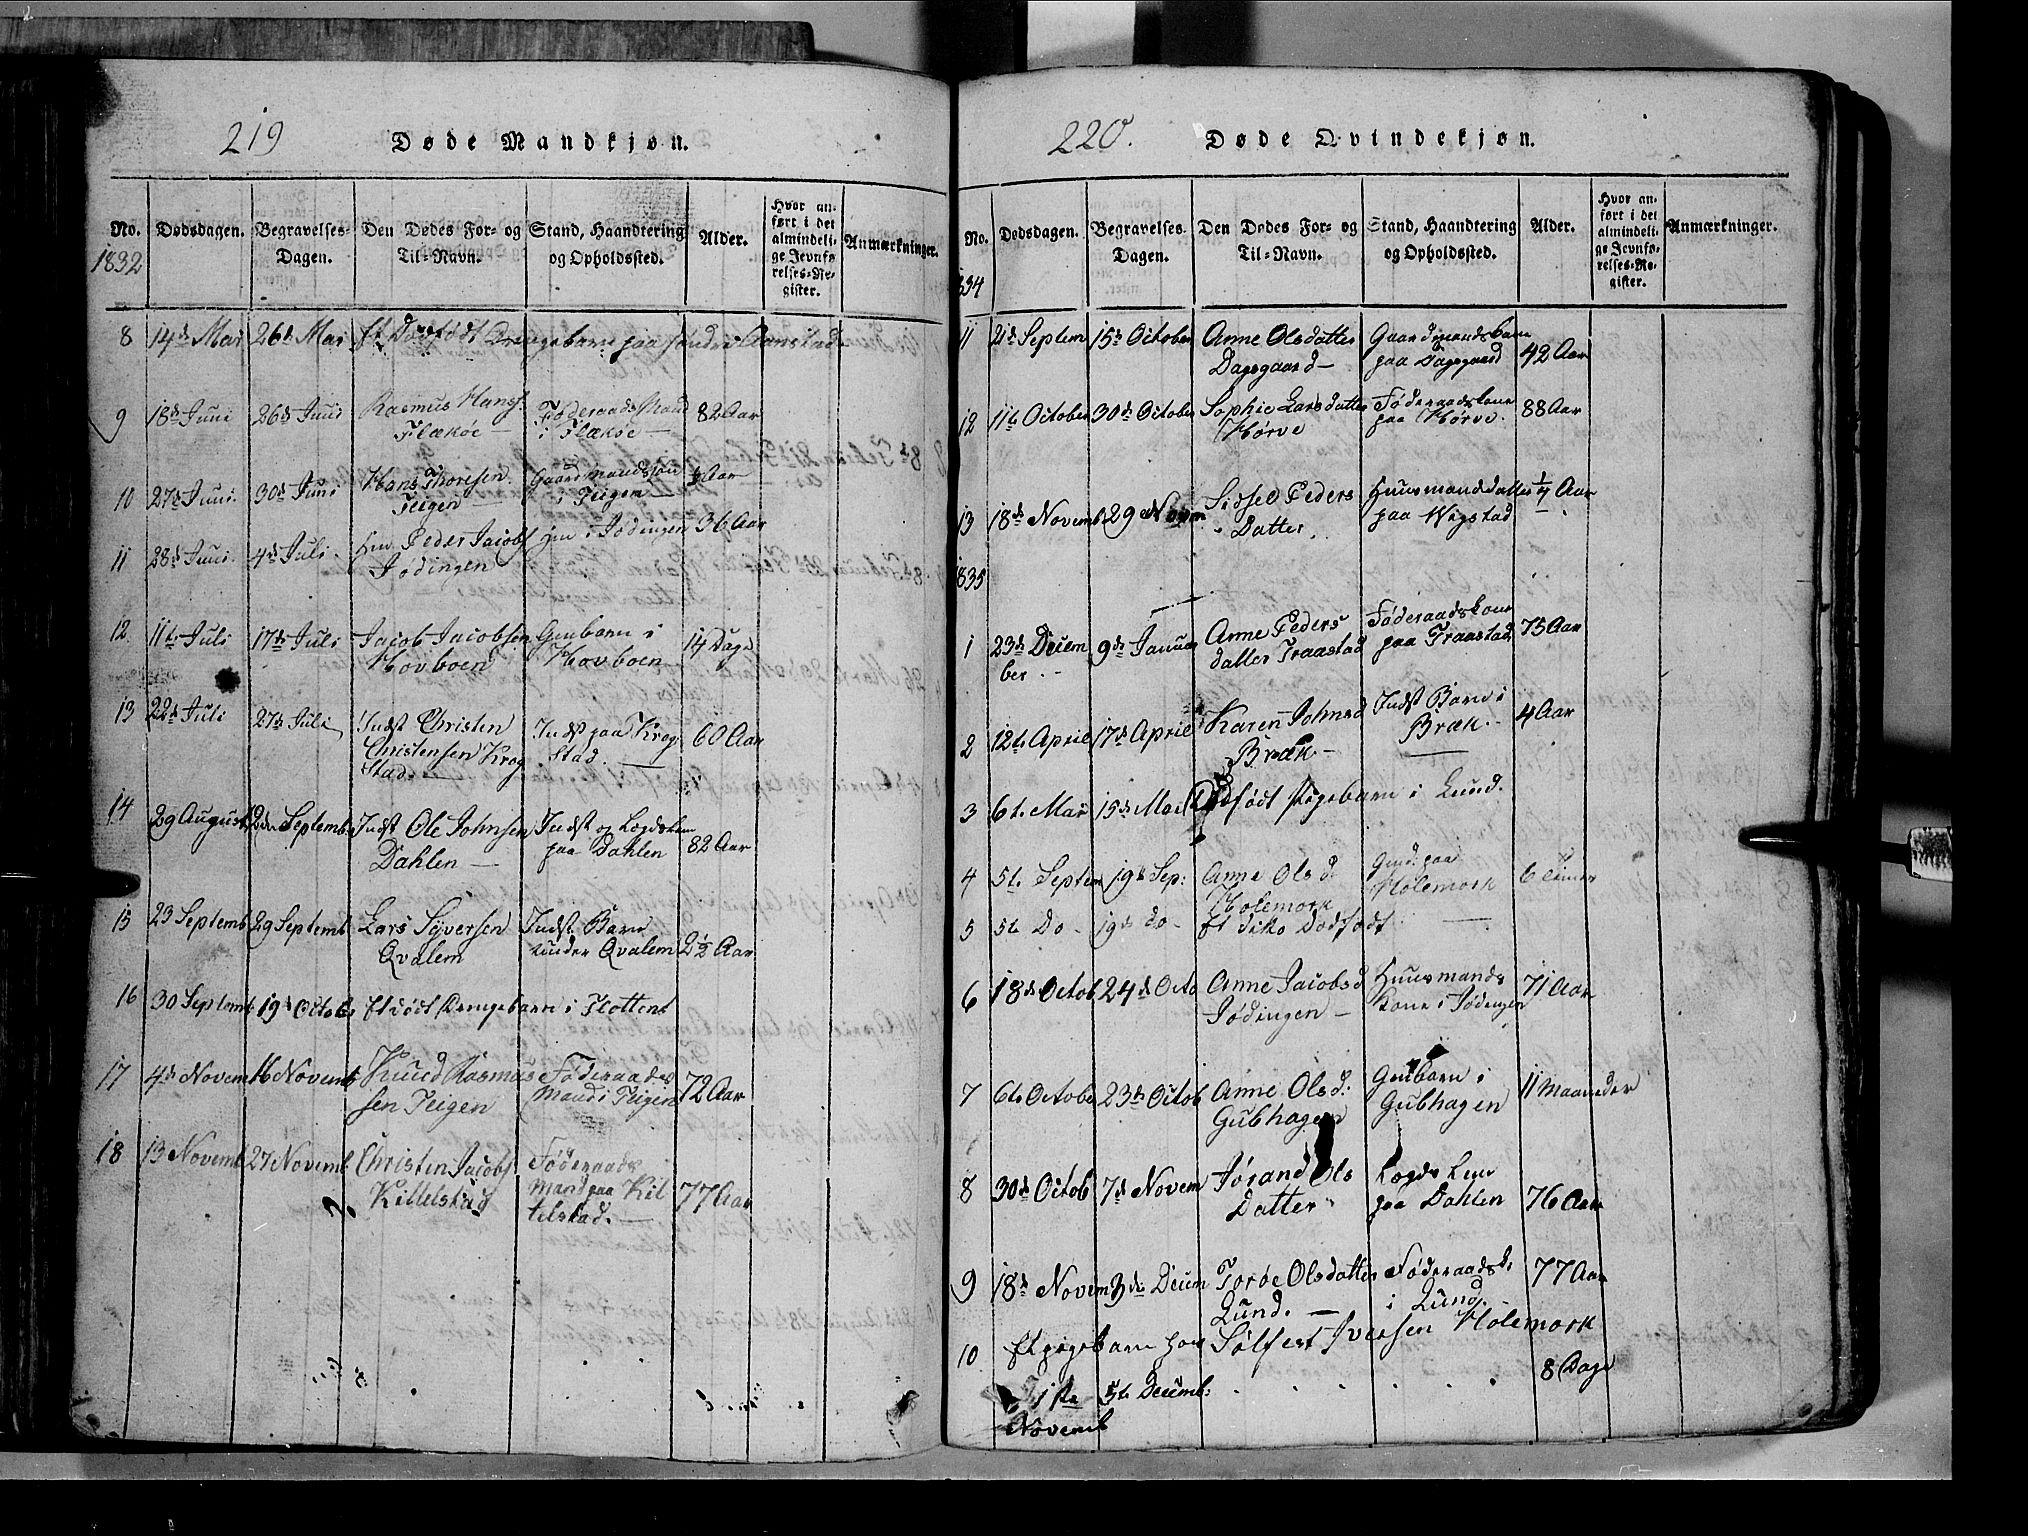 SAH, Lom prestekontor, L/L0003: Klokkerbok nr. 3, 1815-1844, s. 219-220